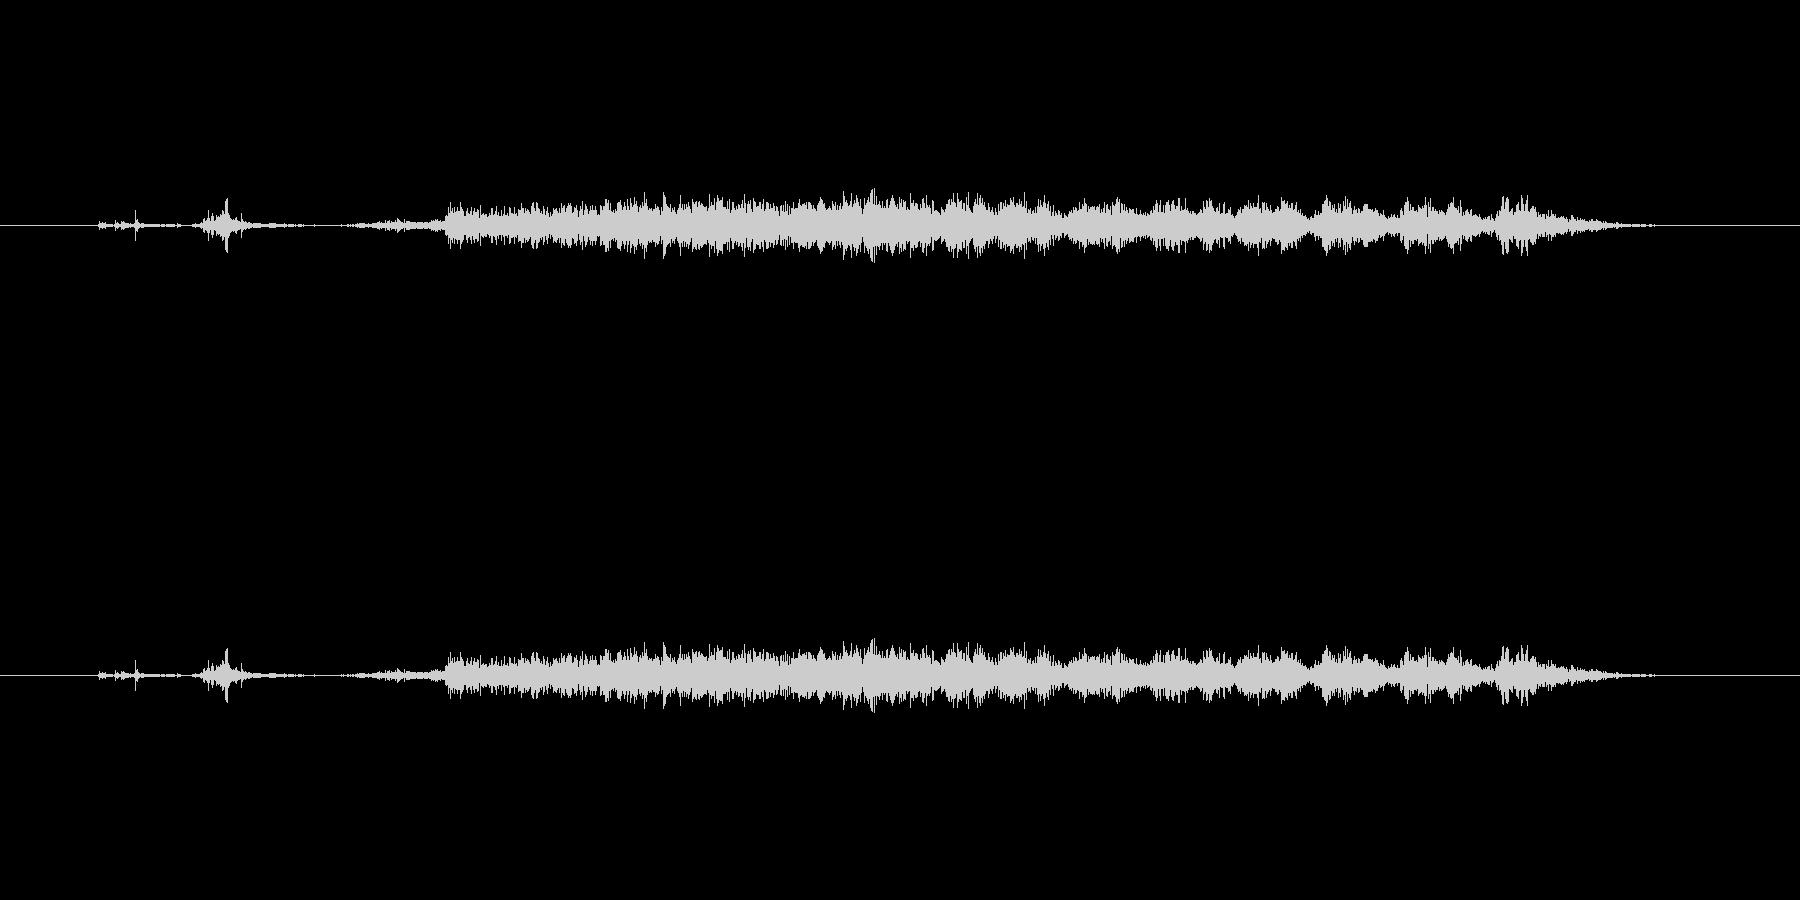 【カッター01-7(切る 段ボール)】の未再生の波形